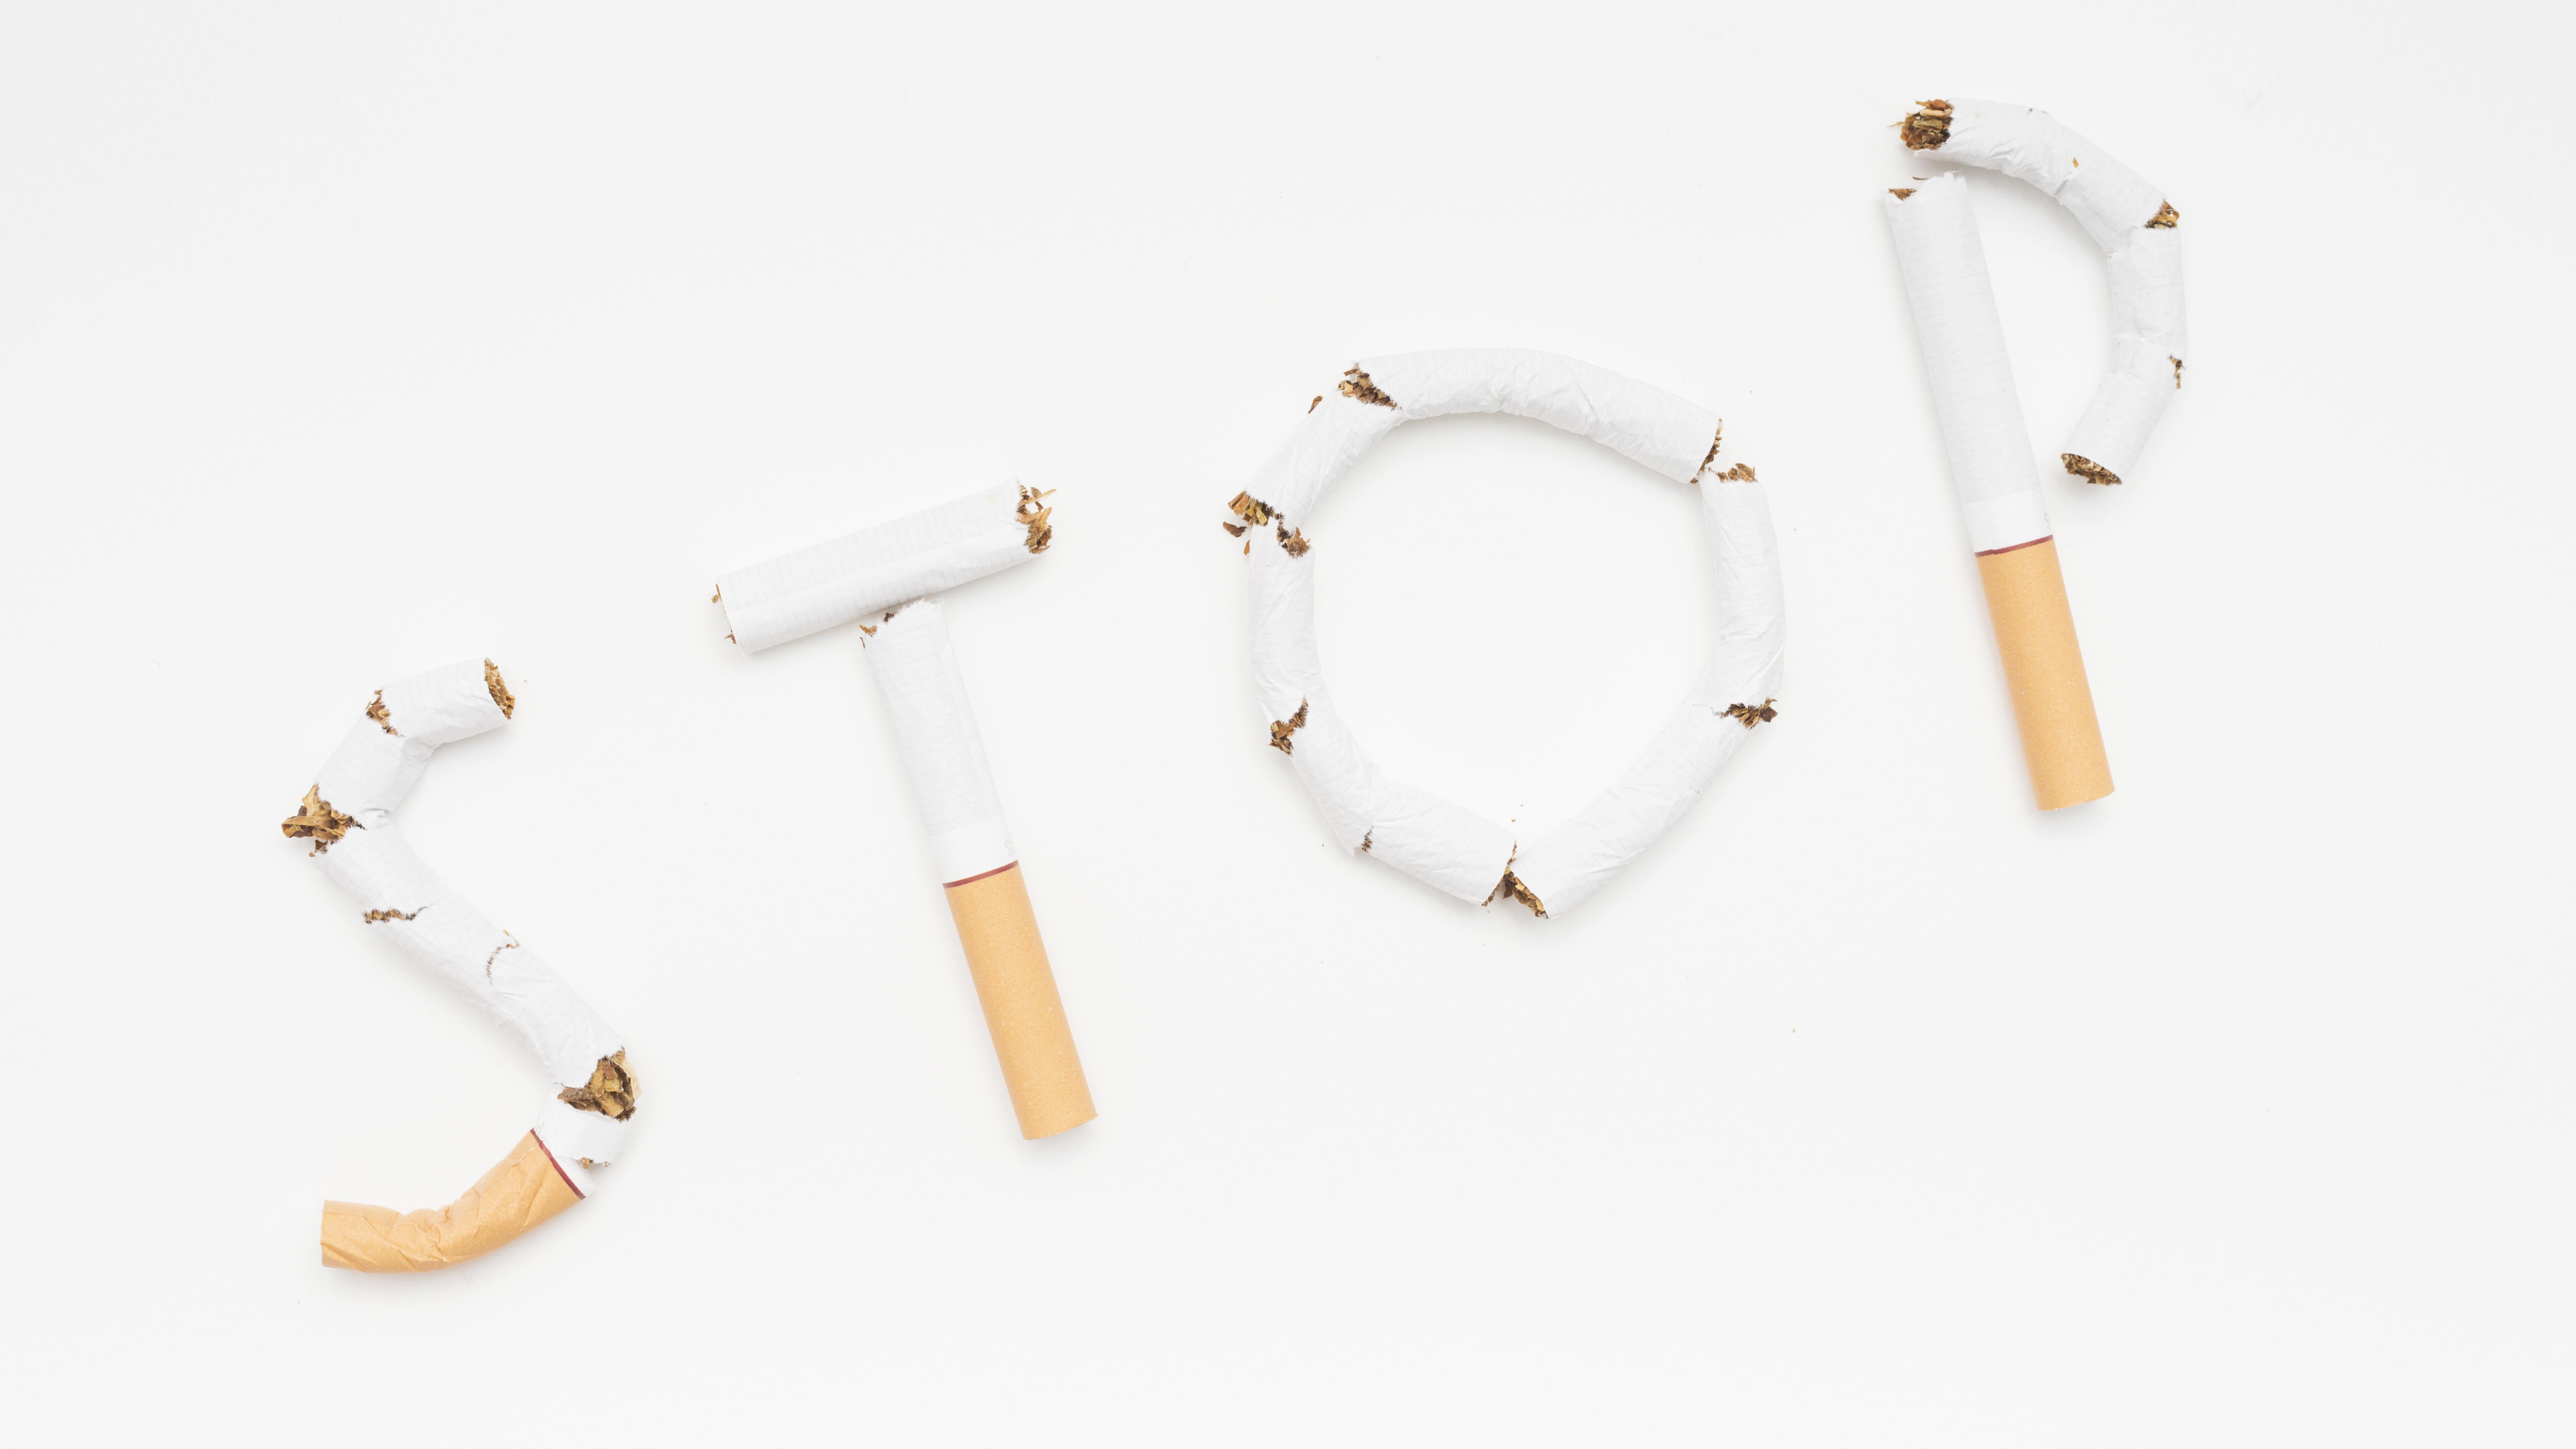 ¿Cuántos días de vida has ganado por dejar el tabaco?